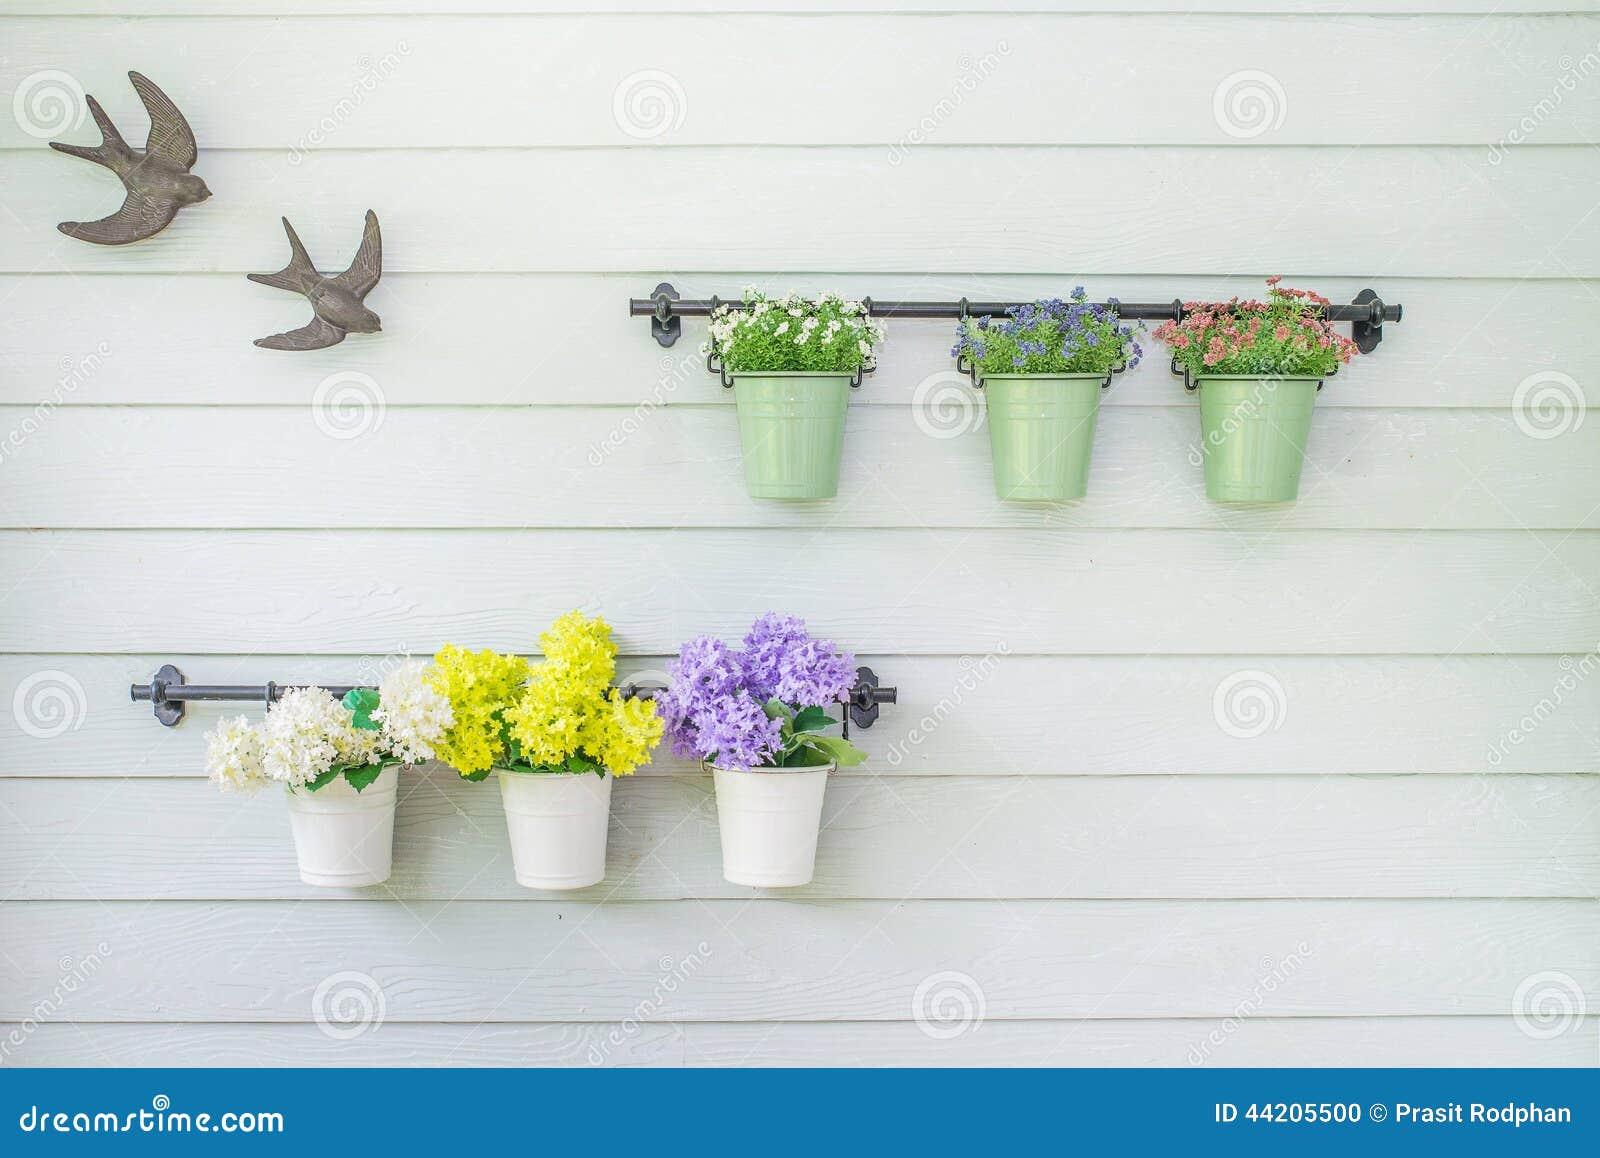 Flowers in flowerpot on wooden wall